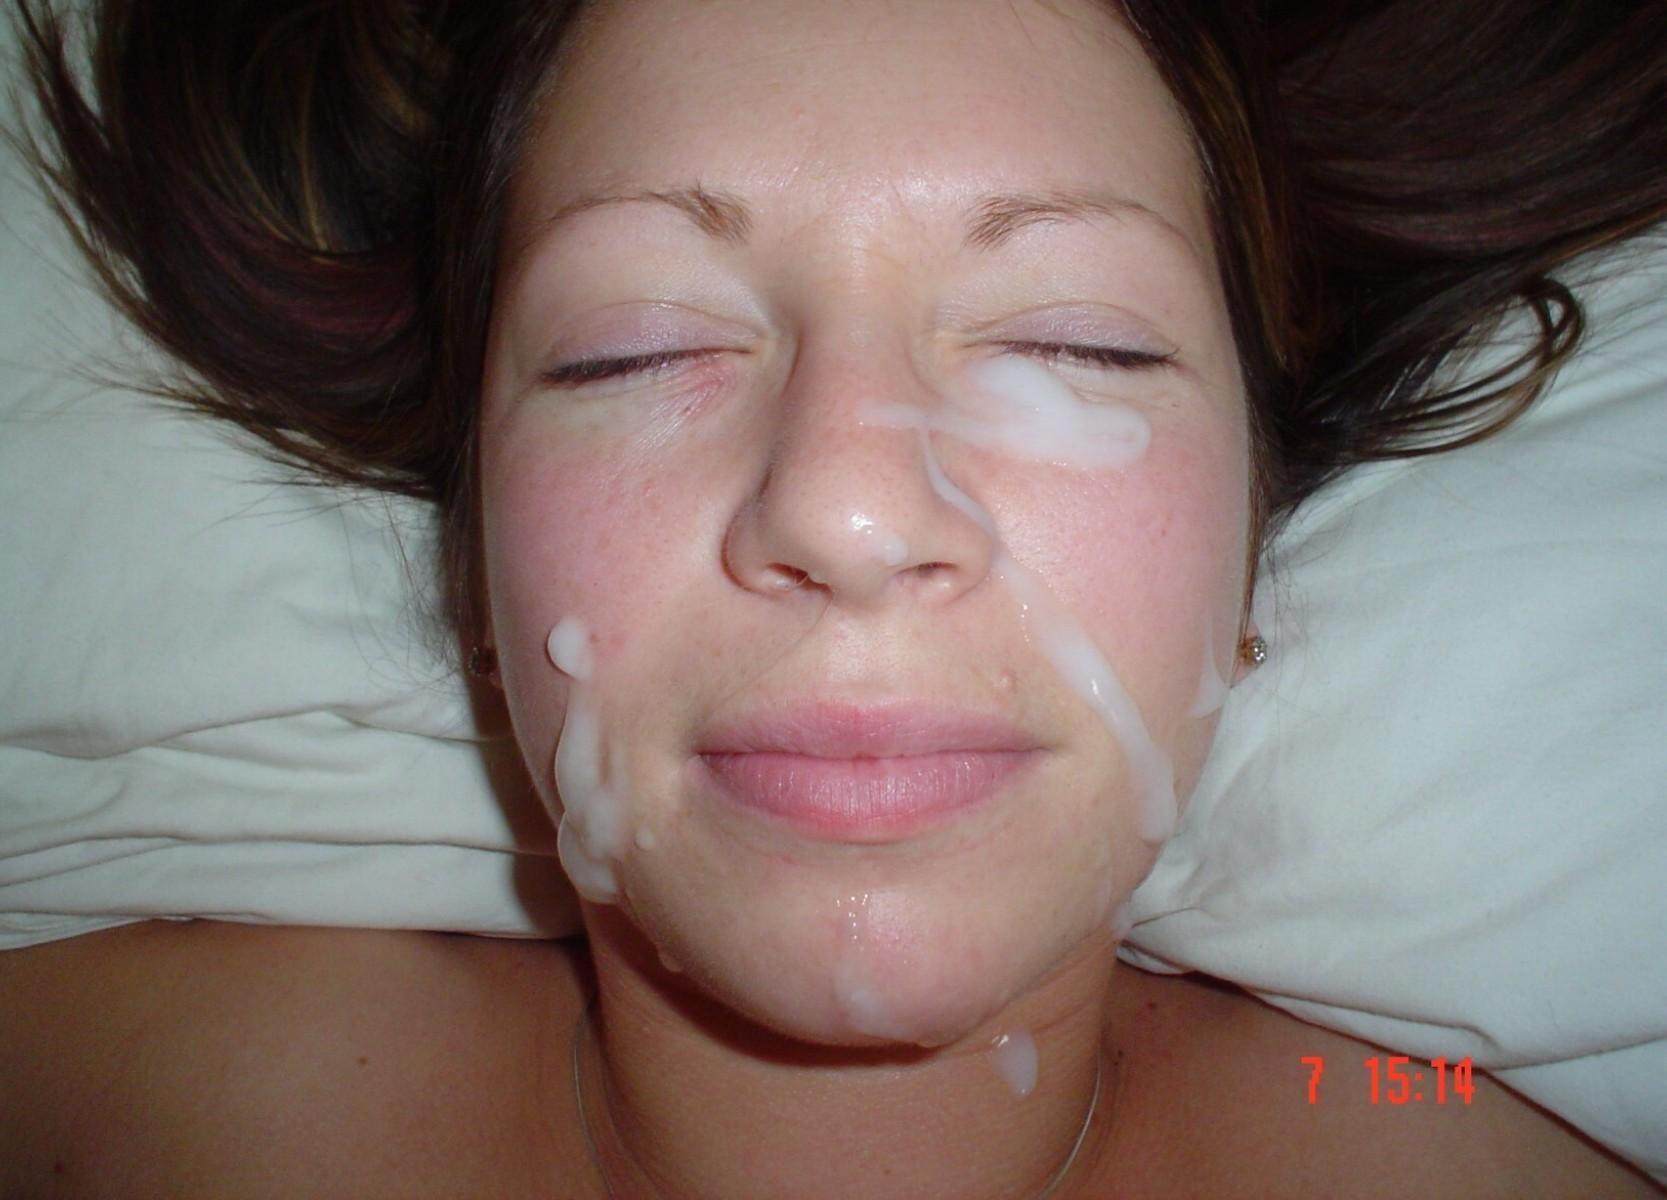 Cum homemade facials ebony